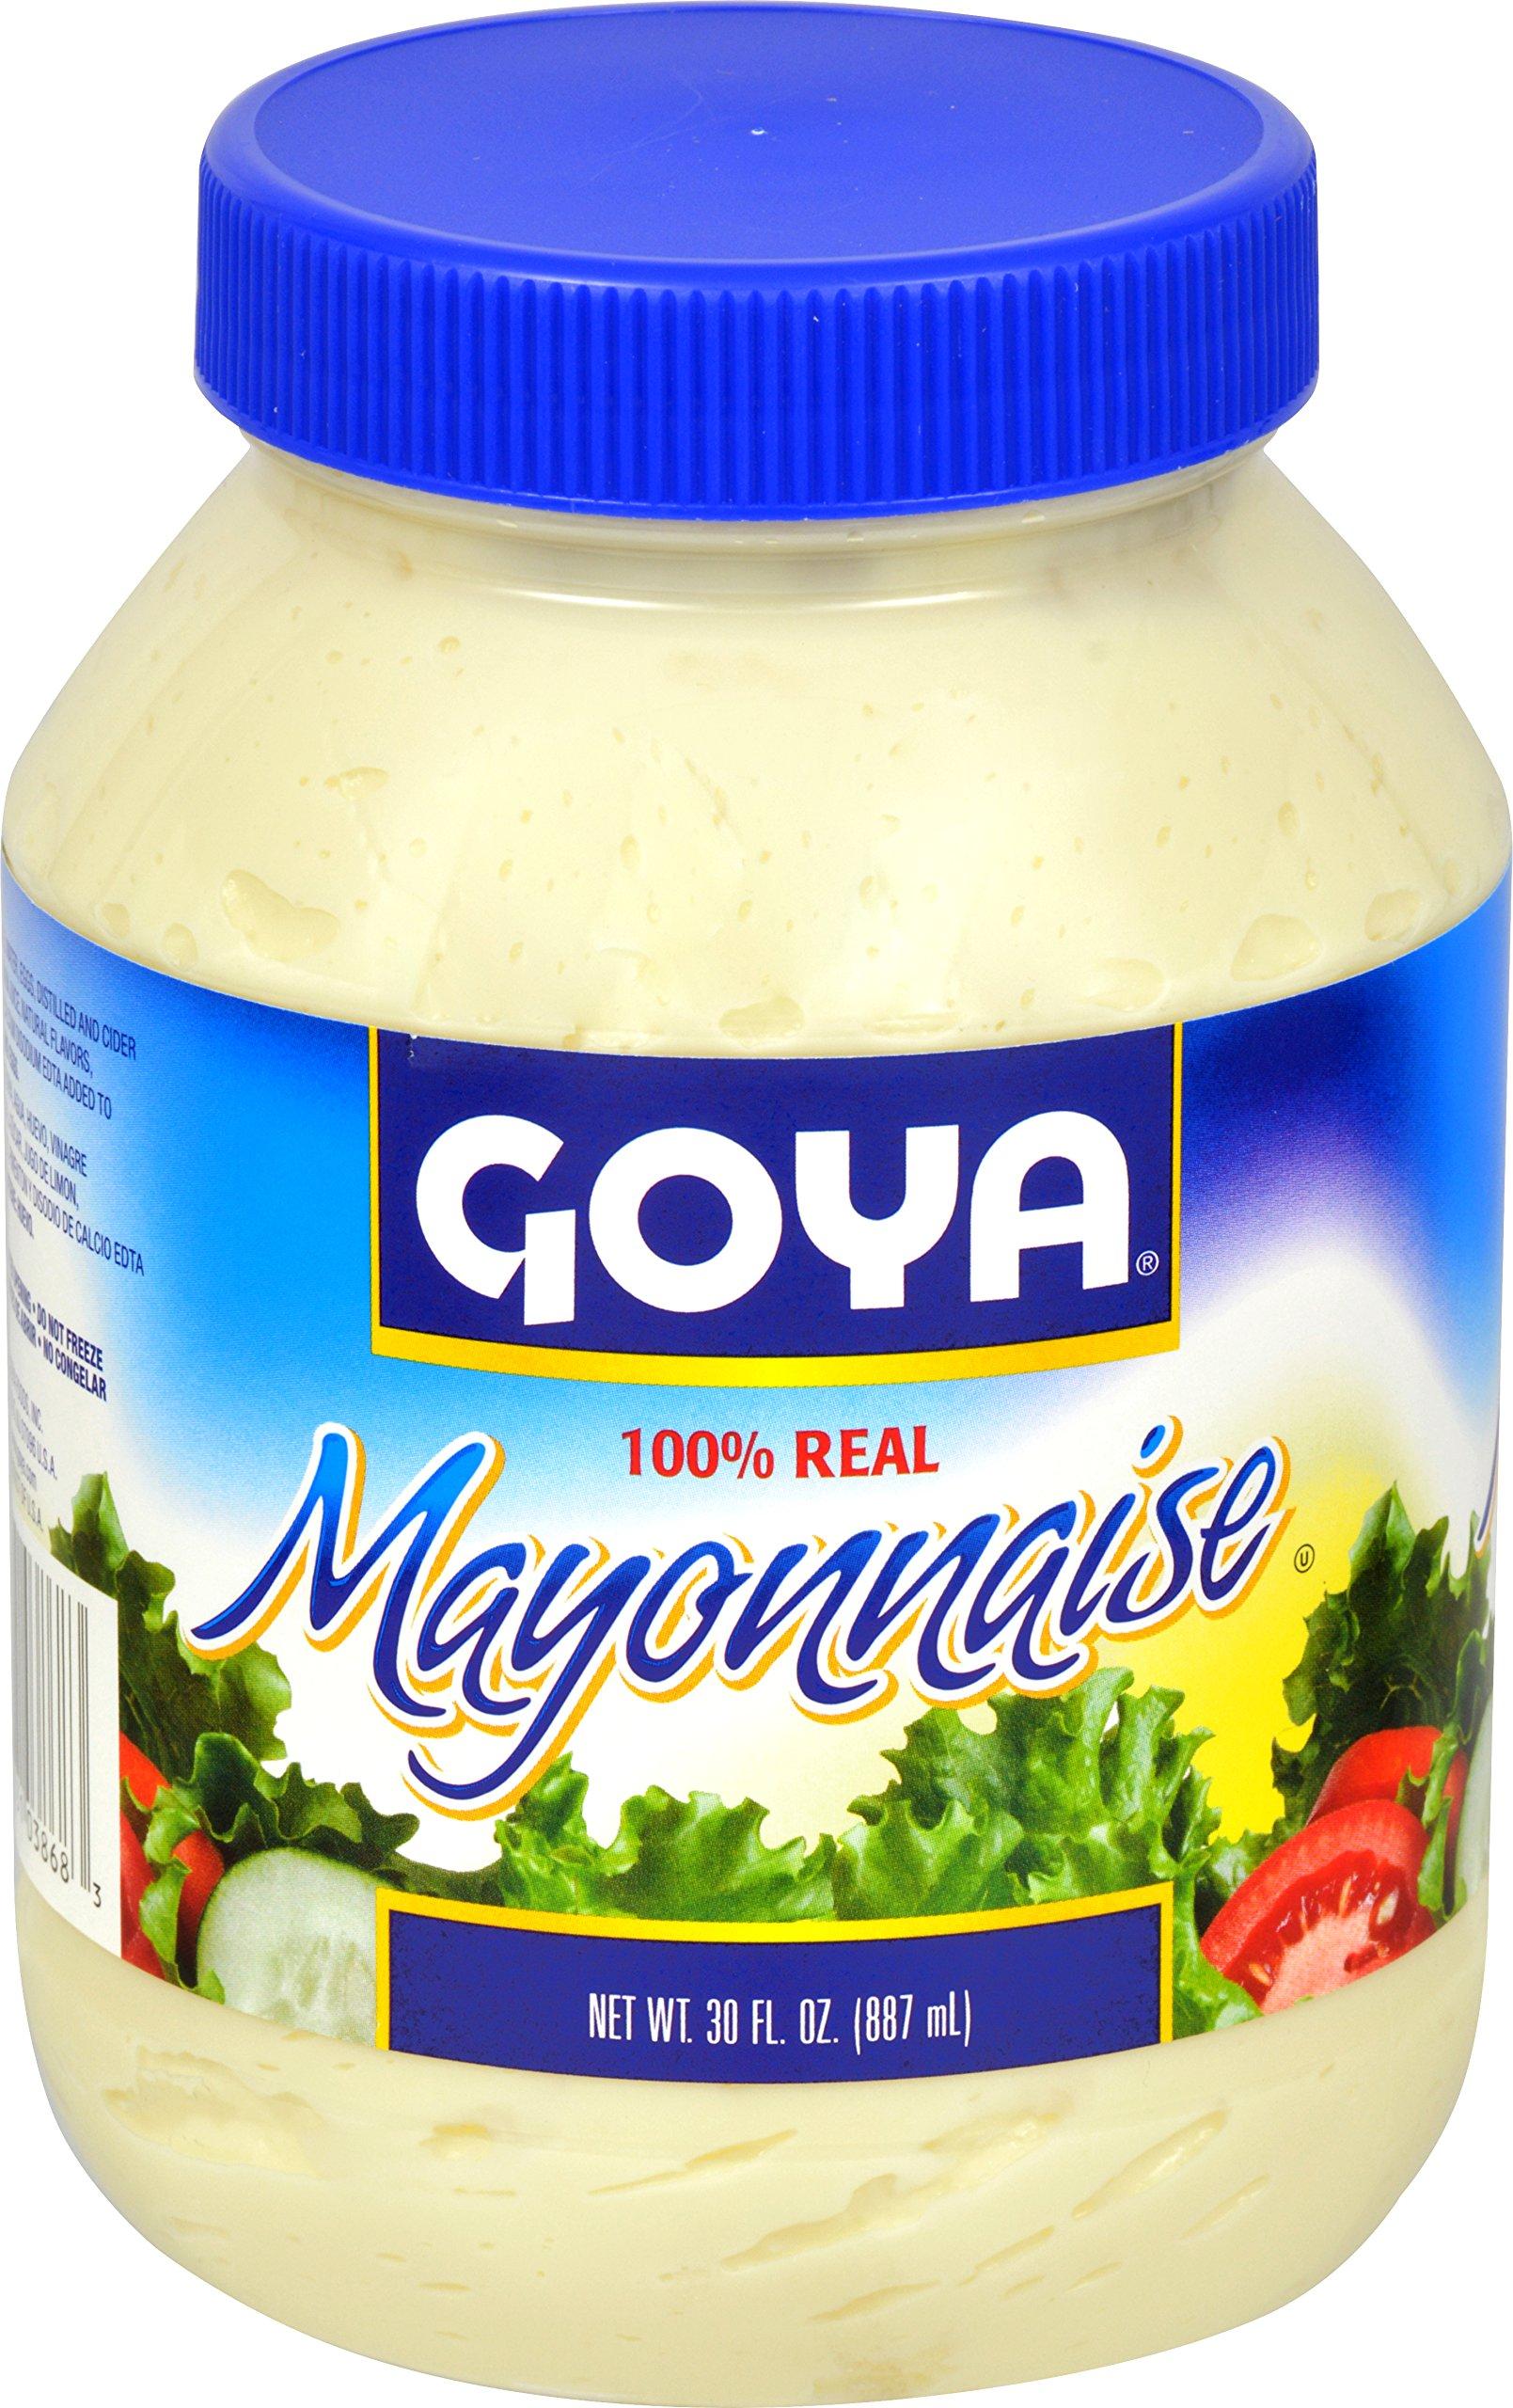 Goya Foods Mayonnaise, 30 Ounce (Pack of 12)